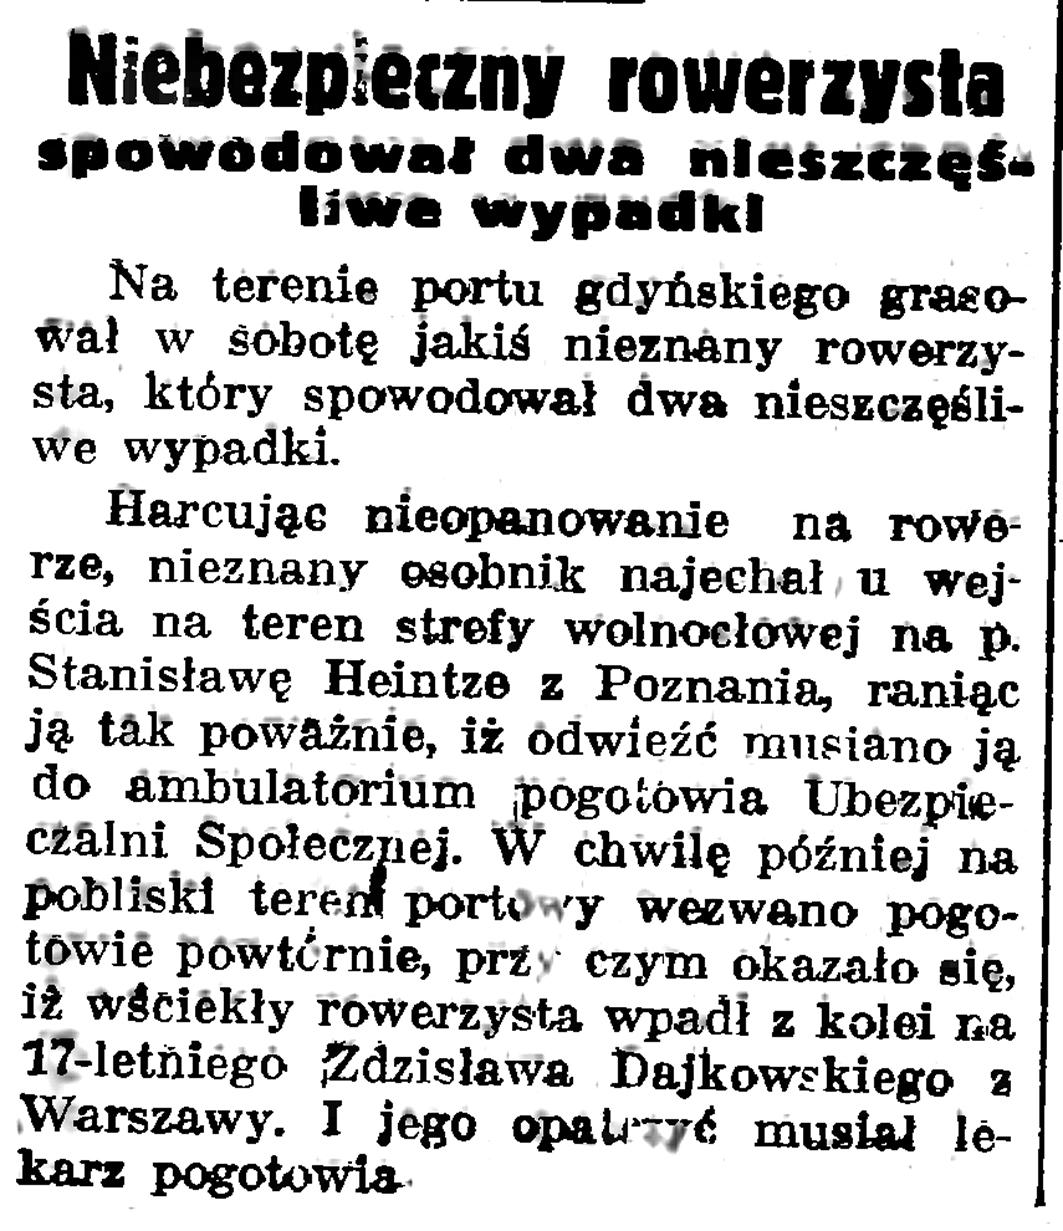 Niebezpieczny rowerzysta spowodował dwa nieszczęśliwe wypadki // Gazeta Gdańska. - 1937, nr 151, s. 6